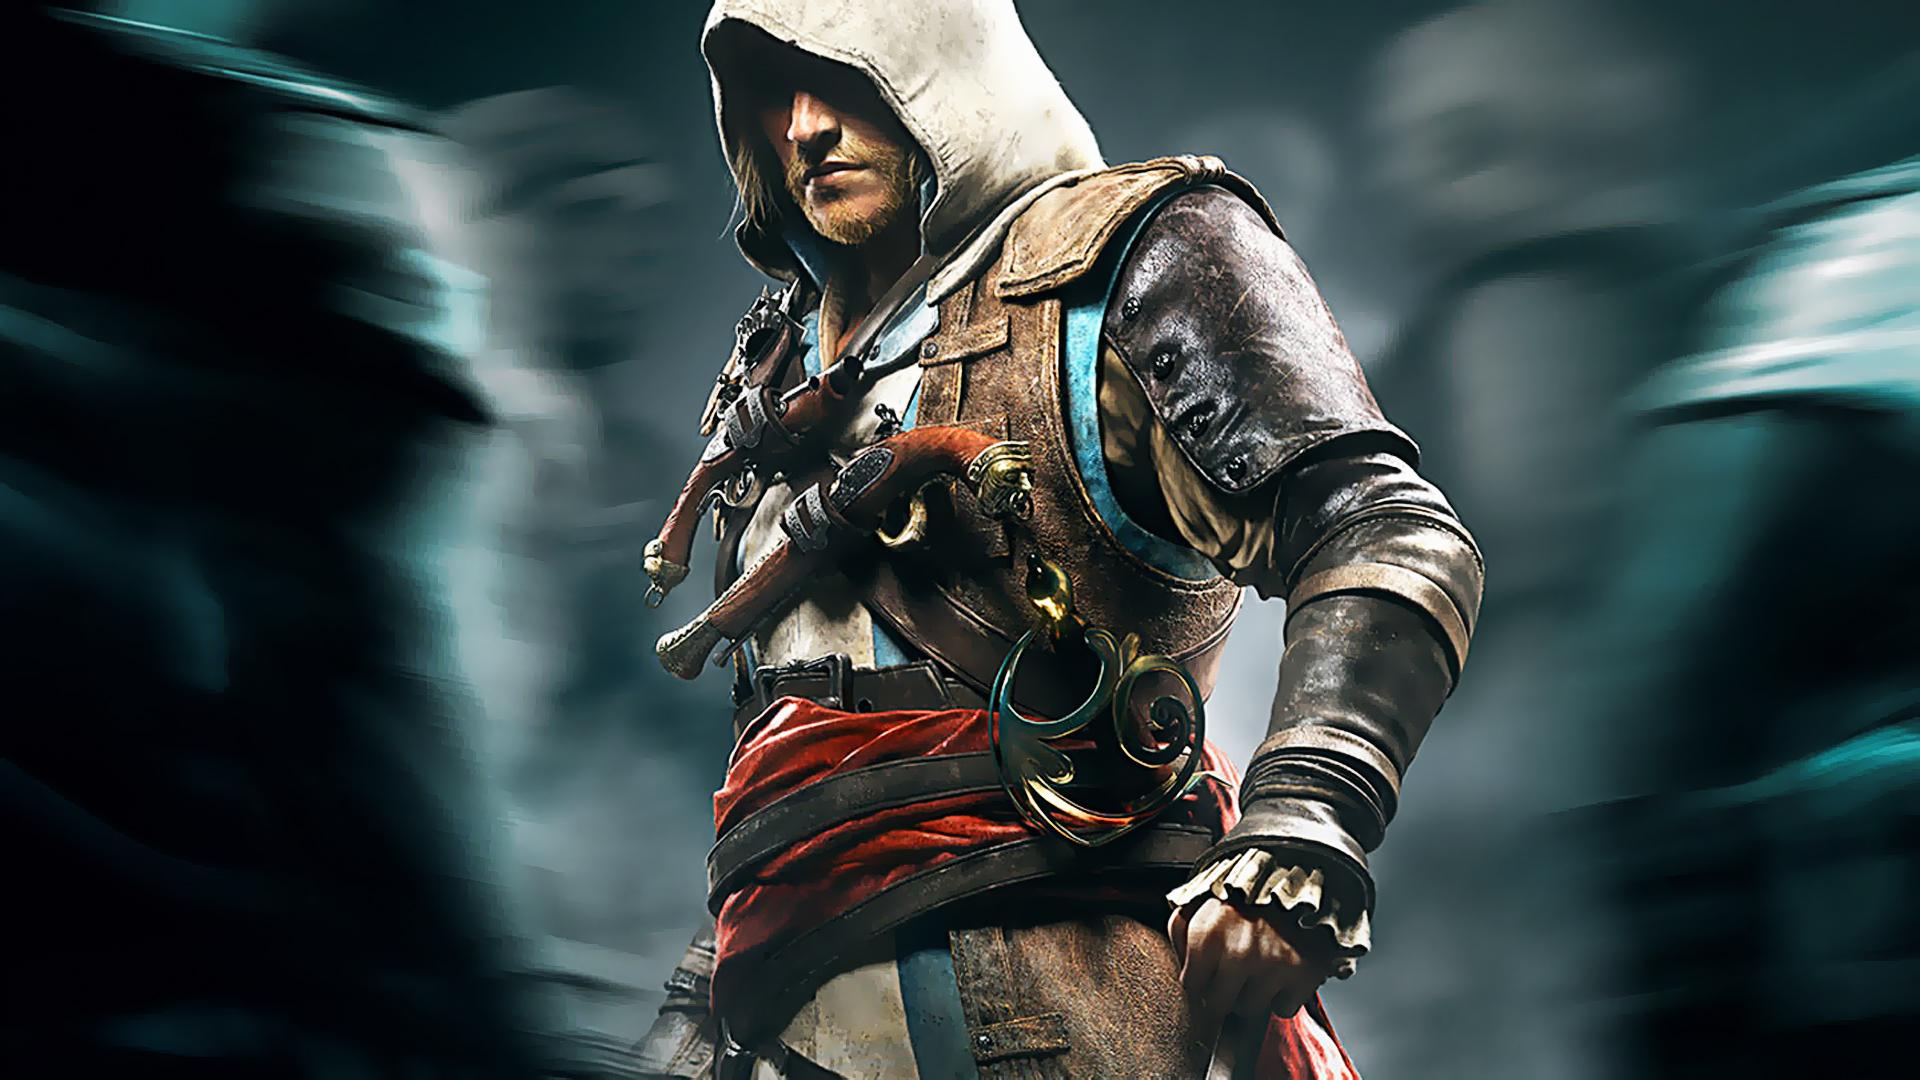 دانلود سیو 100 درصد بازی Assassins creed IV Black Flag (تست شده و مطمئن)